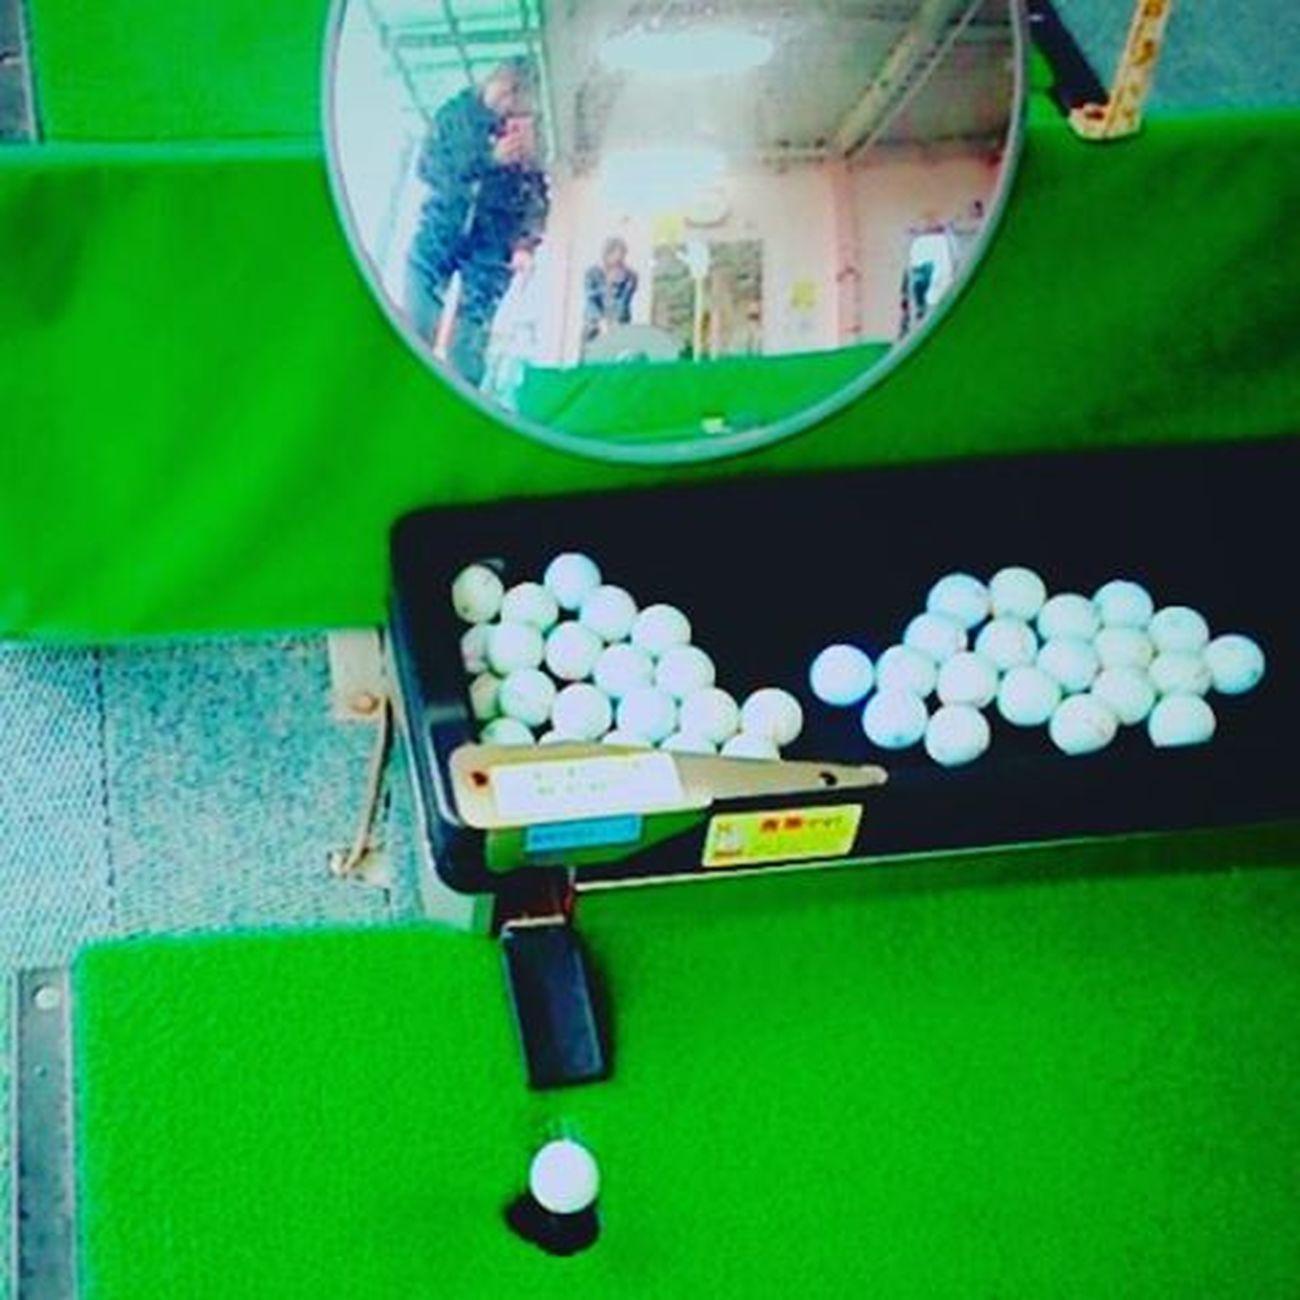 2015年... 打ち始めからの、打ち納め(笑) 2016年はゴルフをやってみよう~(*´-`) お姉ちゃんとのゴルフは初めて!! 150球...張り切りすぎた。 手がいたい(笑) 打ち納め 打ち納め ゴルフ 打ちっぱなし 楽しい 飛ばないけど飛ばして見せる 雨 大晦日 今年もお世話になりました 感謝